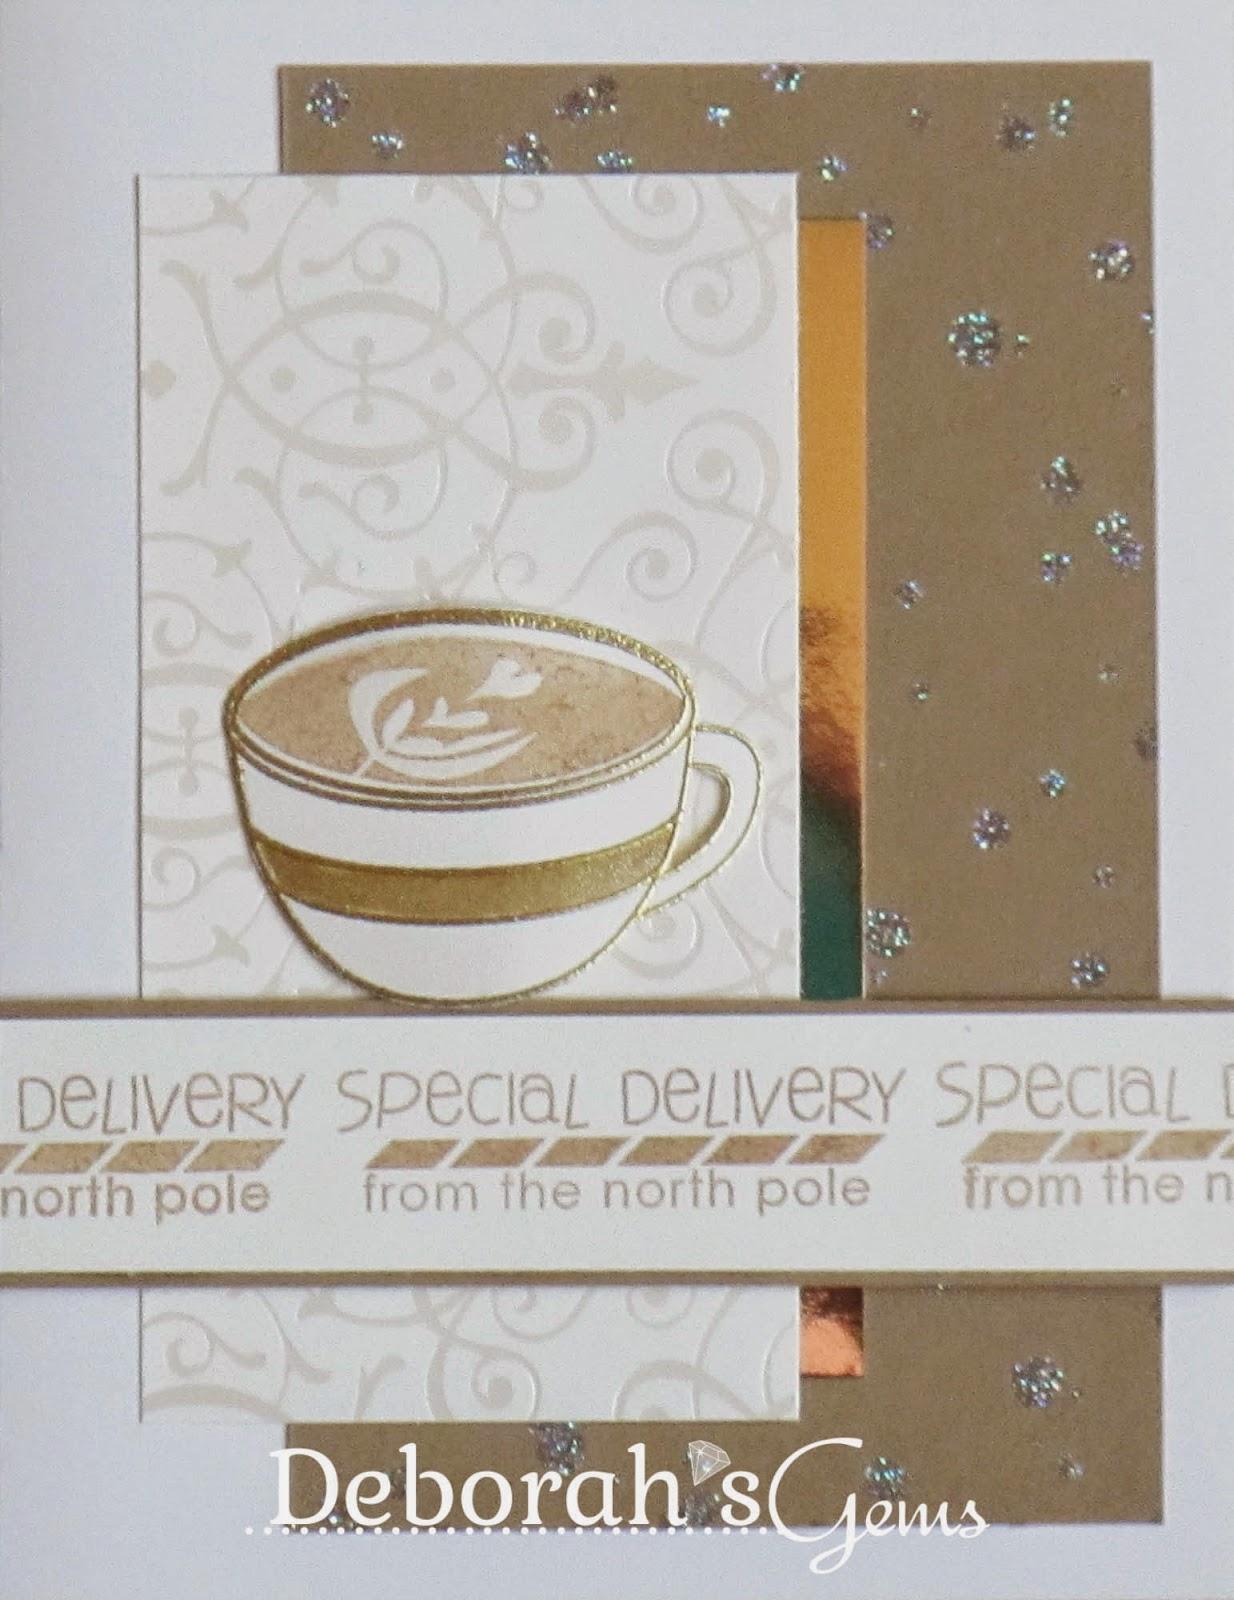 Special Delivery - photo by Deborah Frings - Deborah's Gems